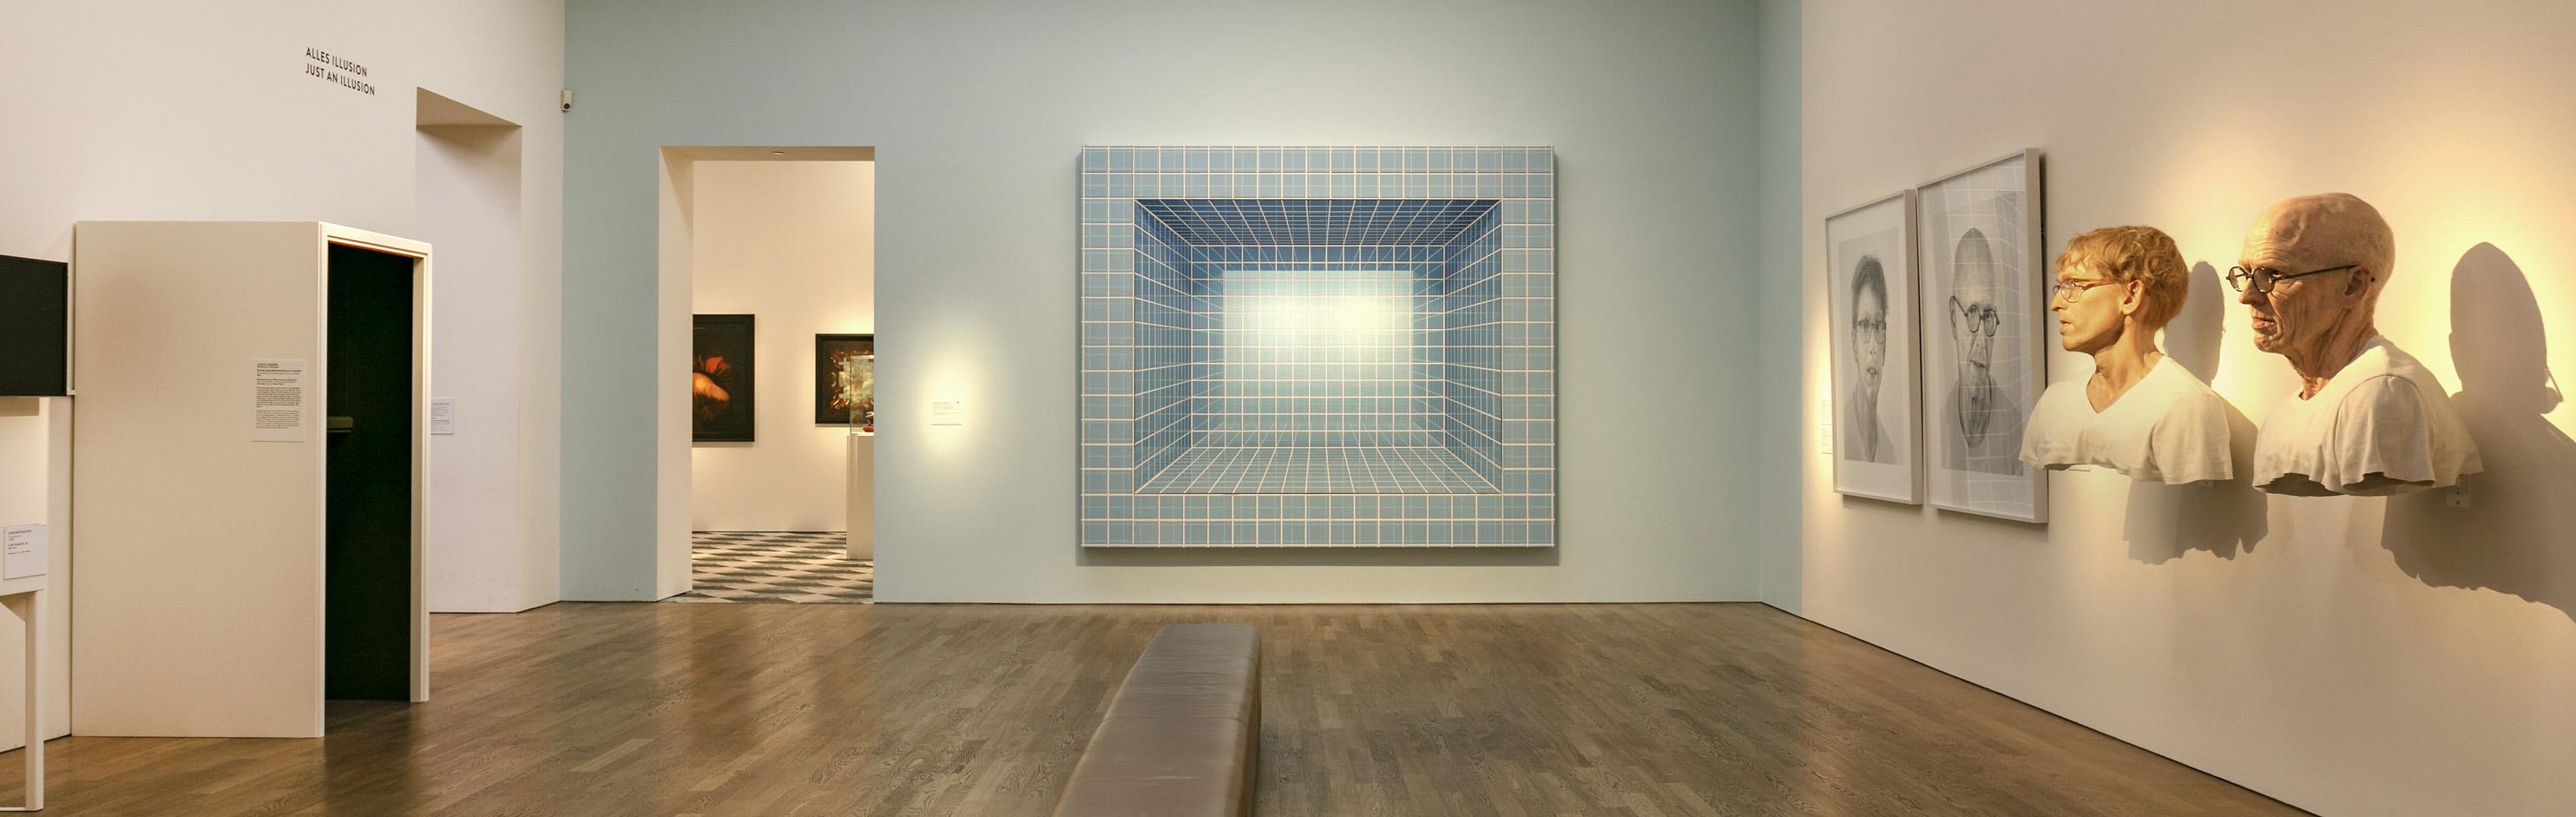 Kunstausstellung_Michael_Naumann_02